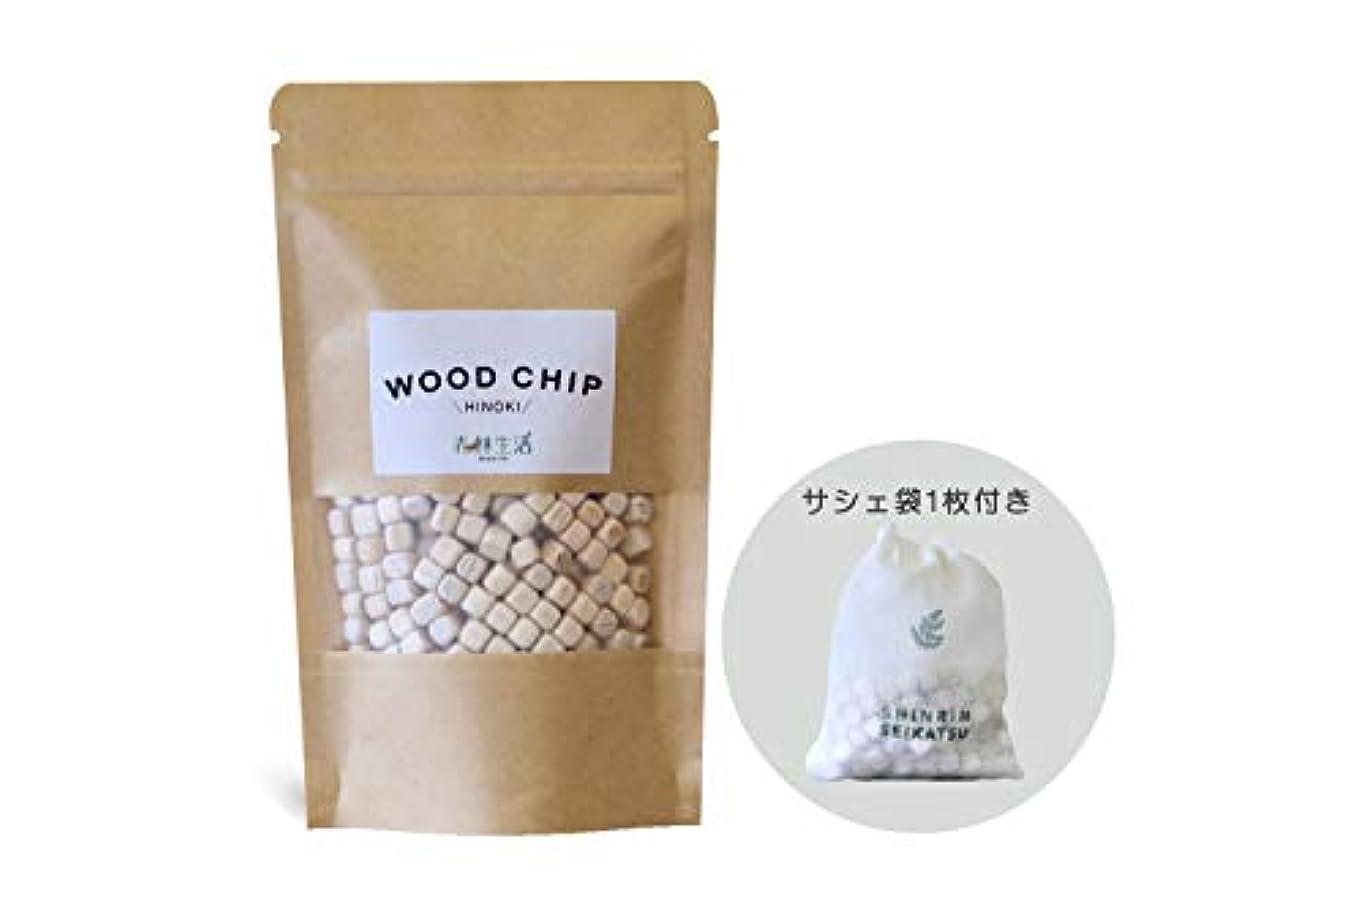 革命猛烈なバーターウッドチップ(WOOD CHIP) 5樹種【サシェ袋1枚付】200ml アロマ インテリア 除湿 ガーデニングなどに (ひのき)